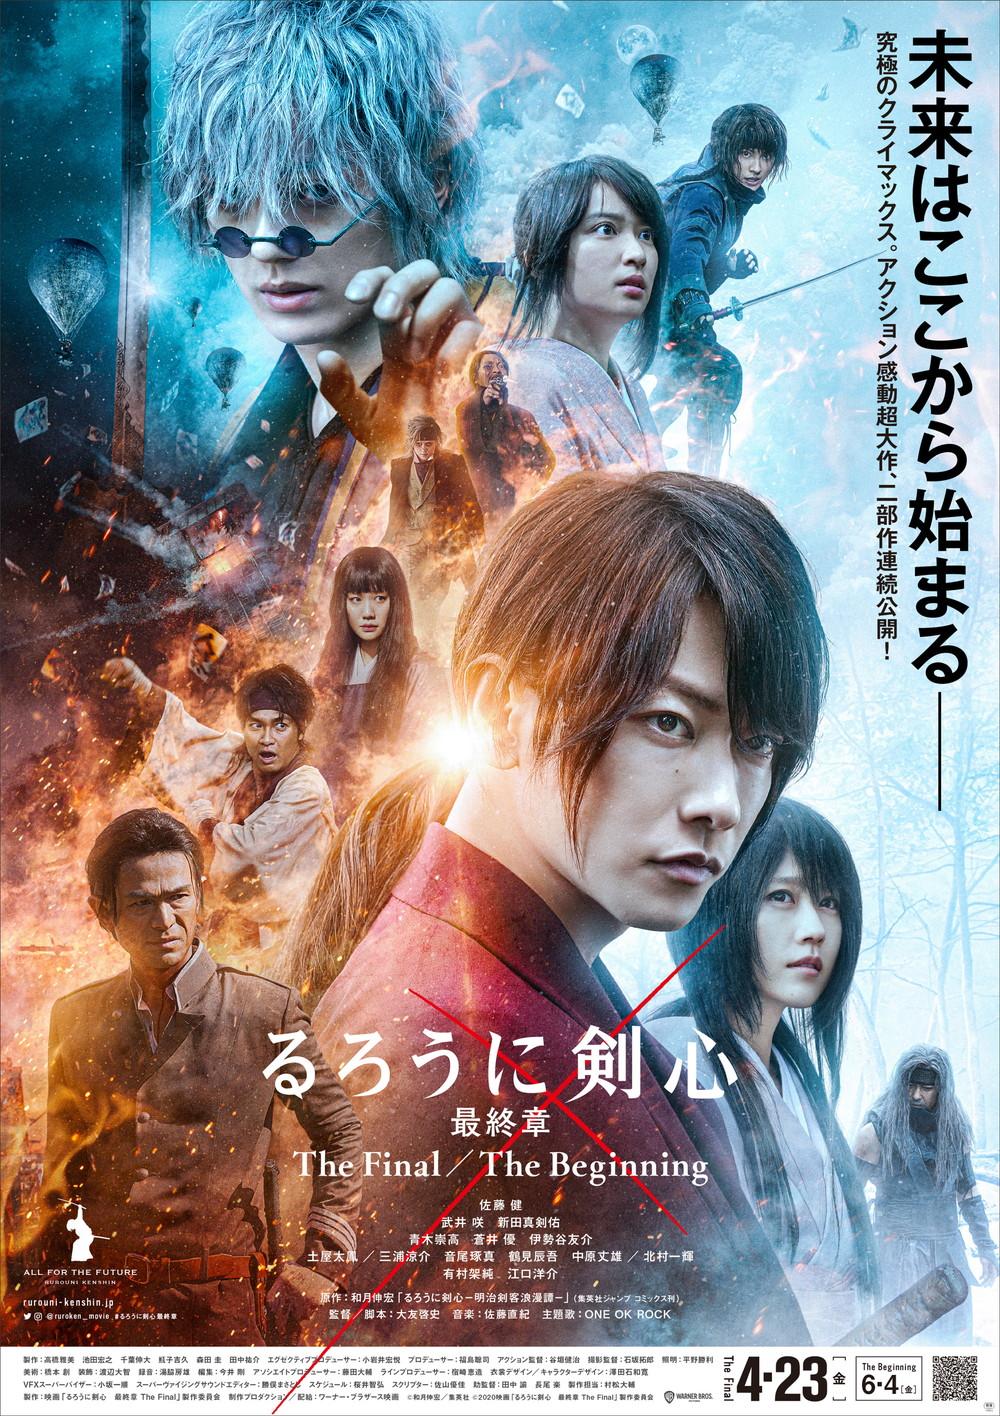 『るろうに剣心 最終章』本ポスター